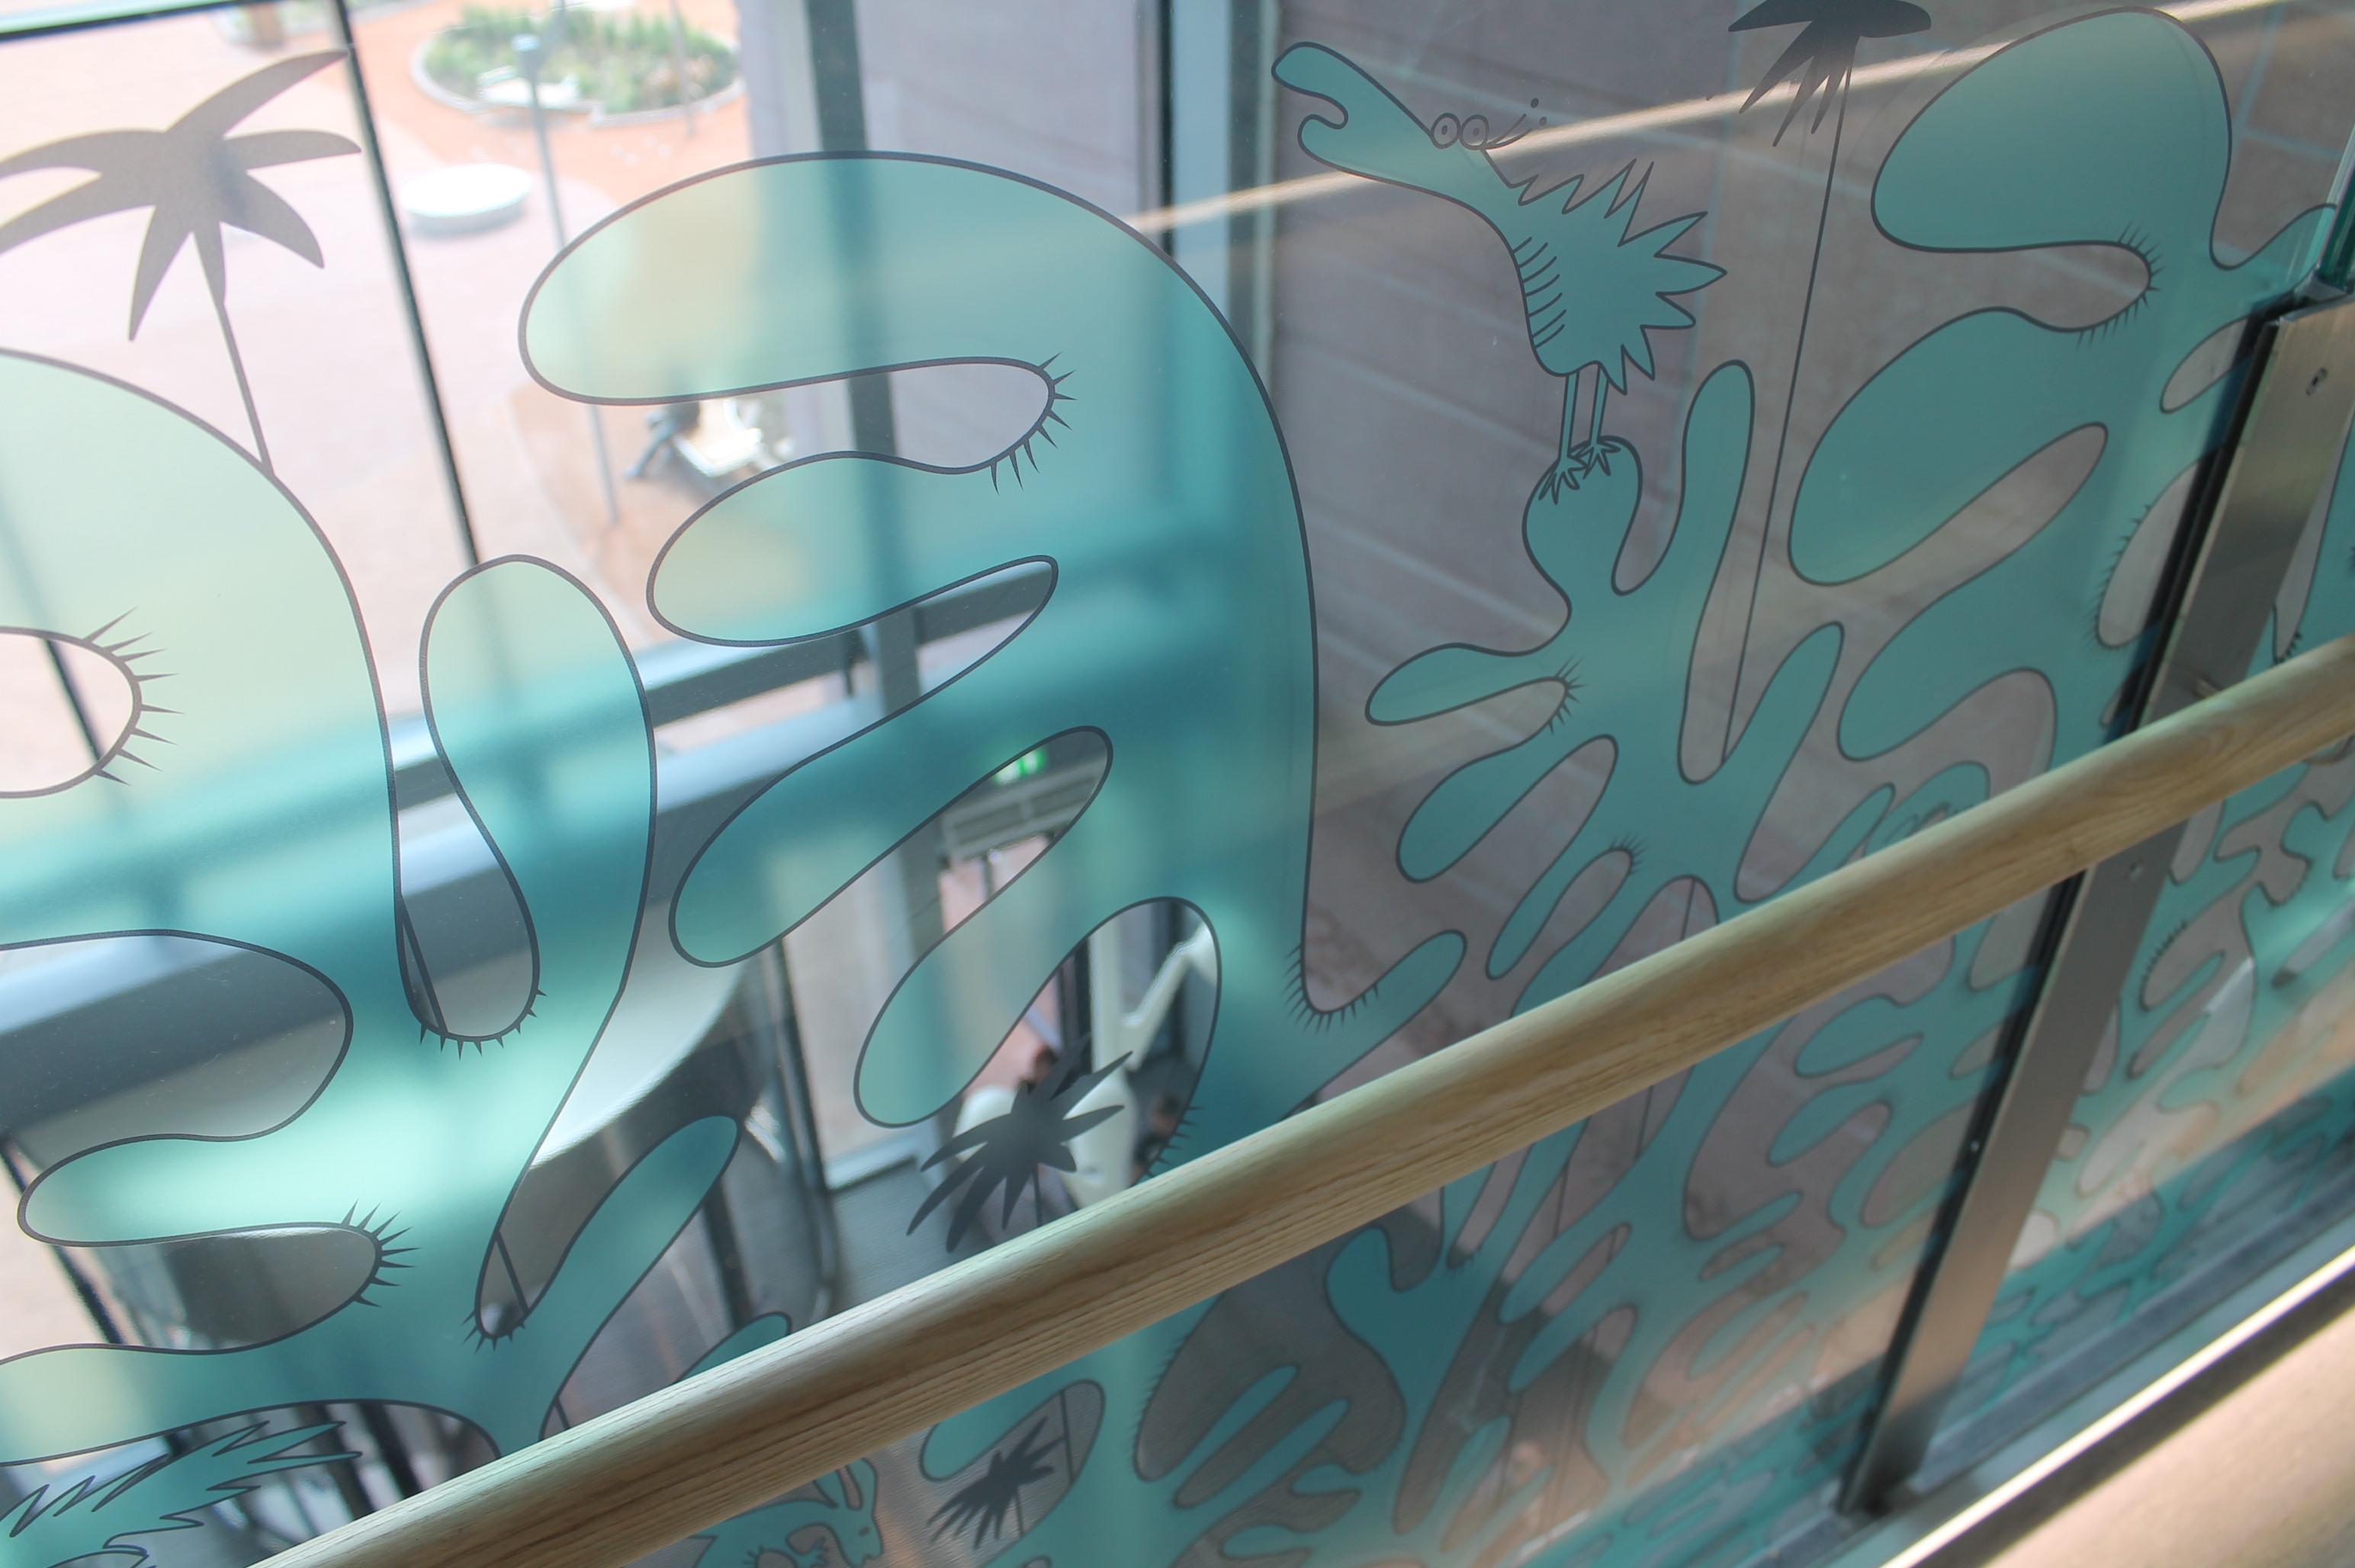 walkway glass